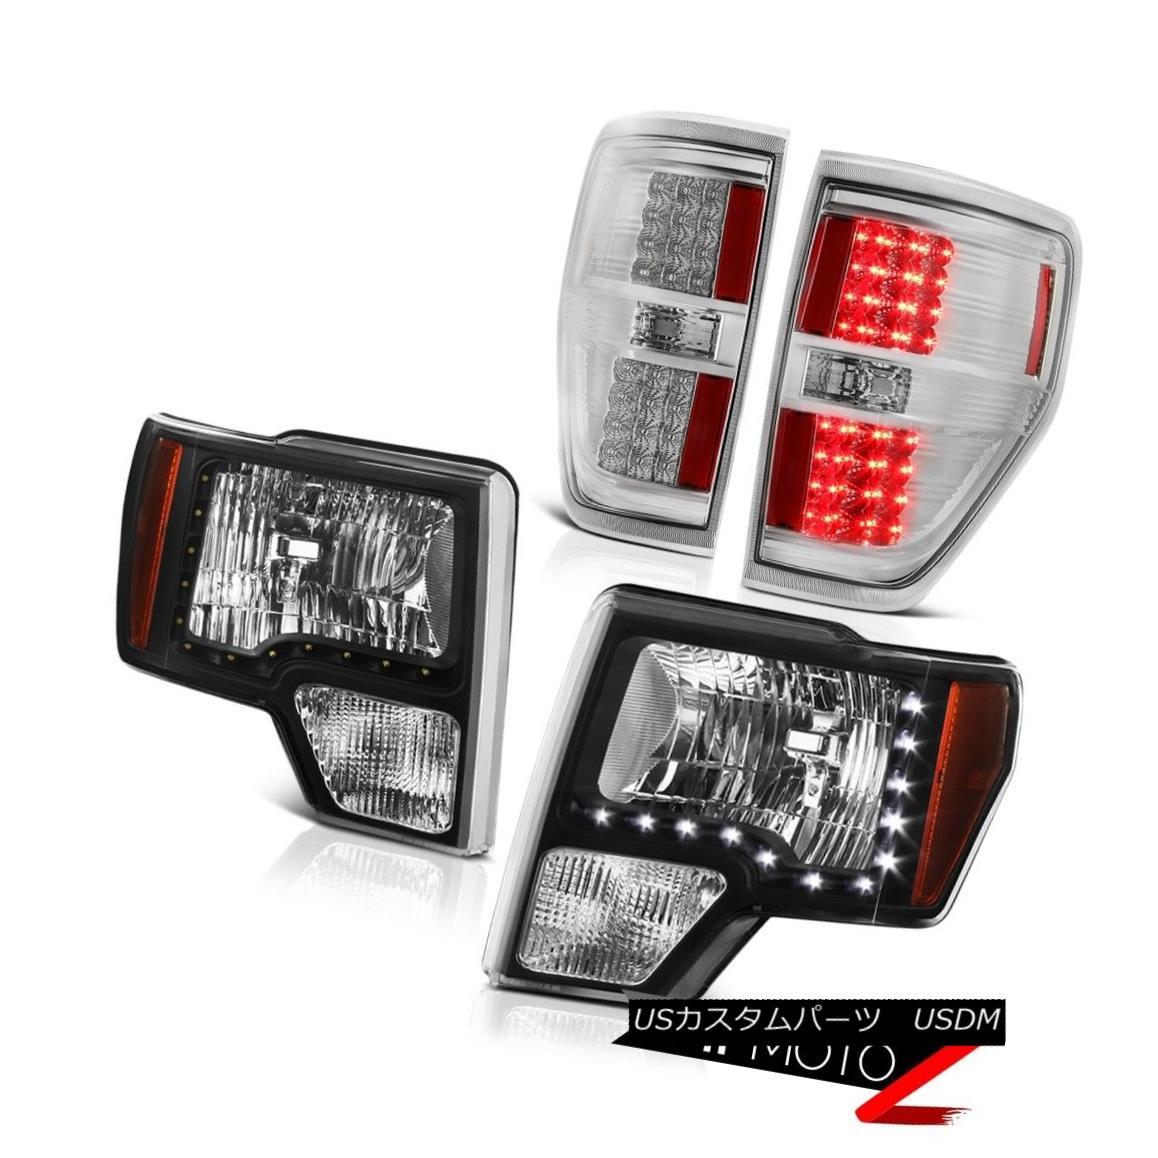 テールライト 2009-2014 Ford F150 Raptor LED SMD DRL Strip Head Lights LED Chrome Tail Lights 2009-2014フォードF150ラプターLED SMD DRLストリップヘッドライトLEDクロームテールライト